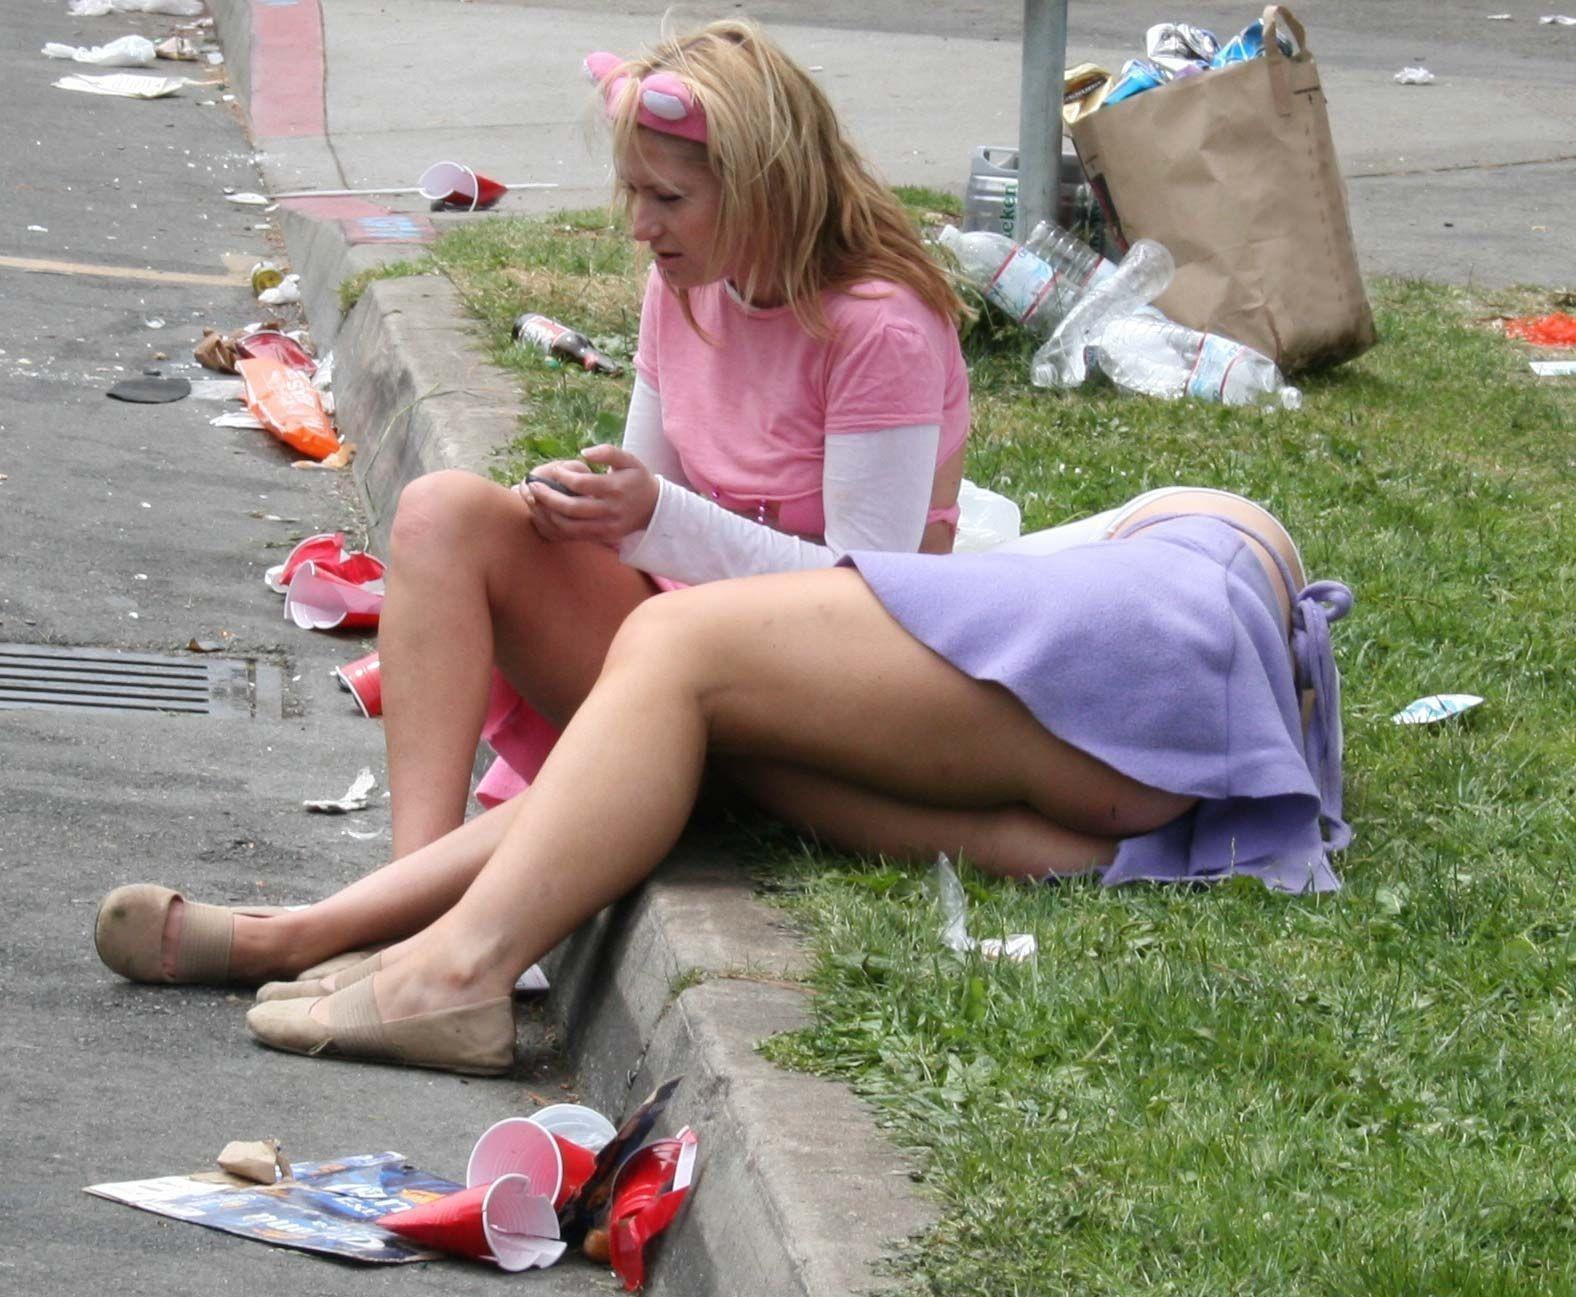 Сайт о пьяных женщинах, Фотографии Пьяные девушки 3 альбома ВКонтакте 3 фотография